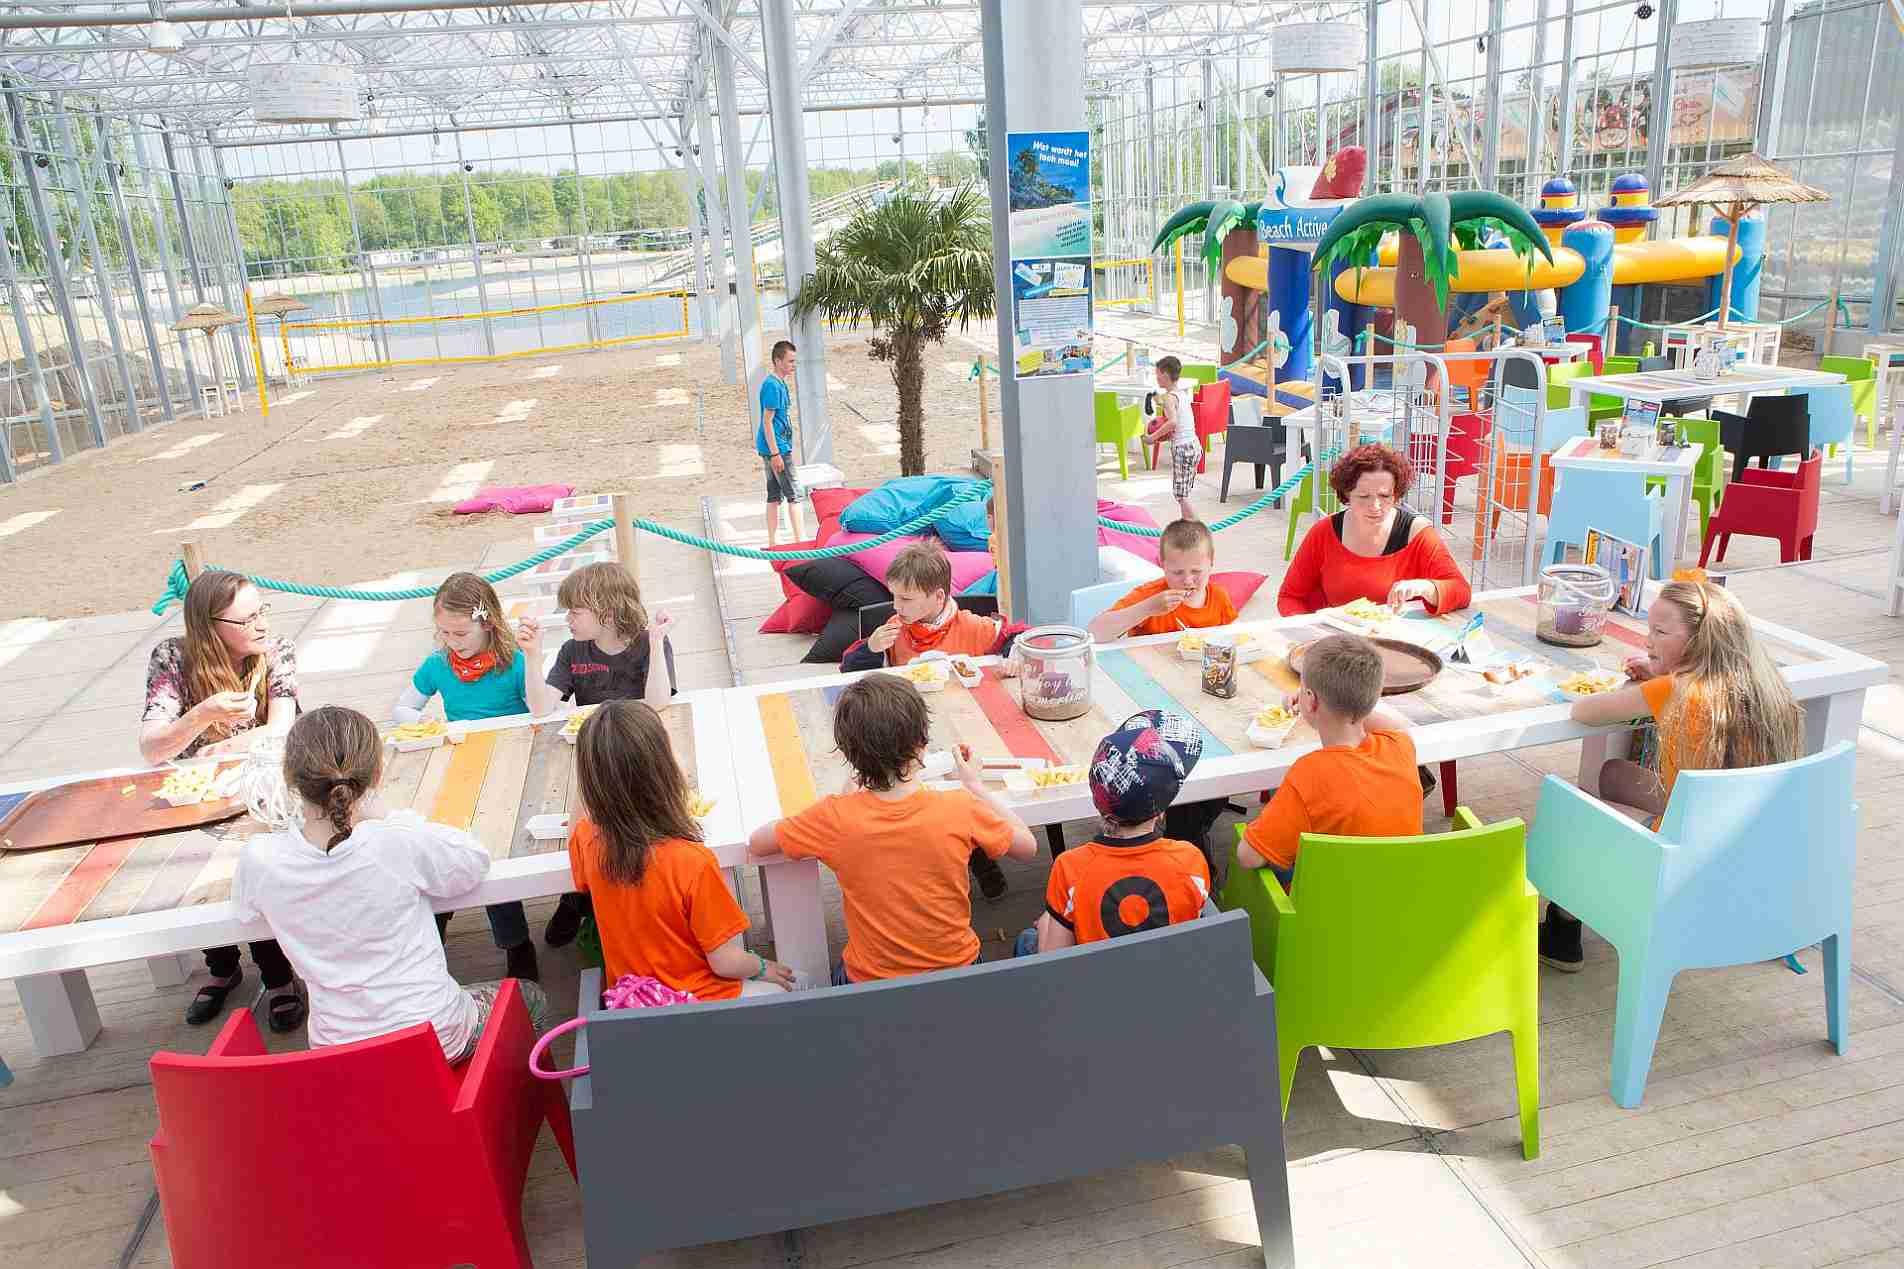 Gezellig, actief en gaaf kinderfeestje in Hardenberg - Gaaf kinderfeestje in Hardenberg